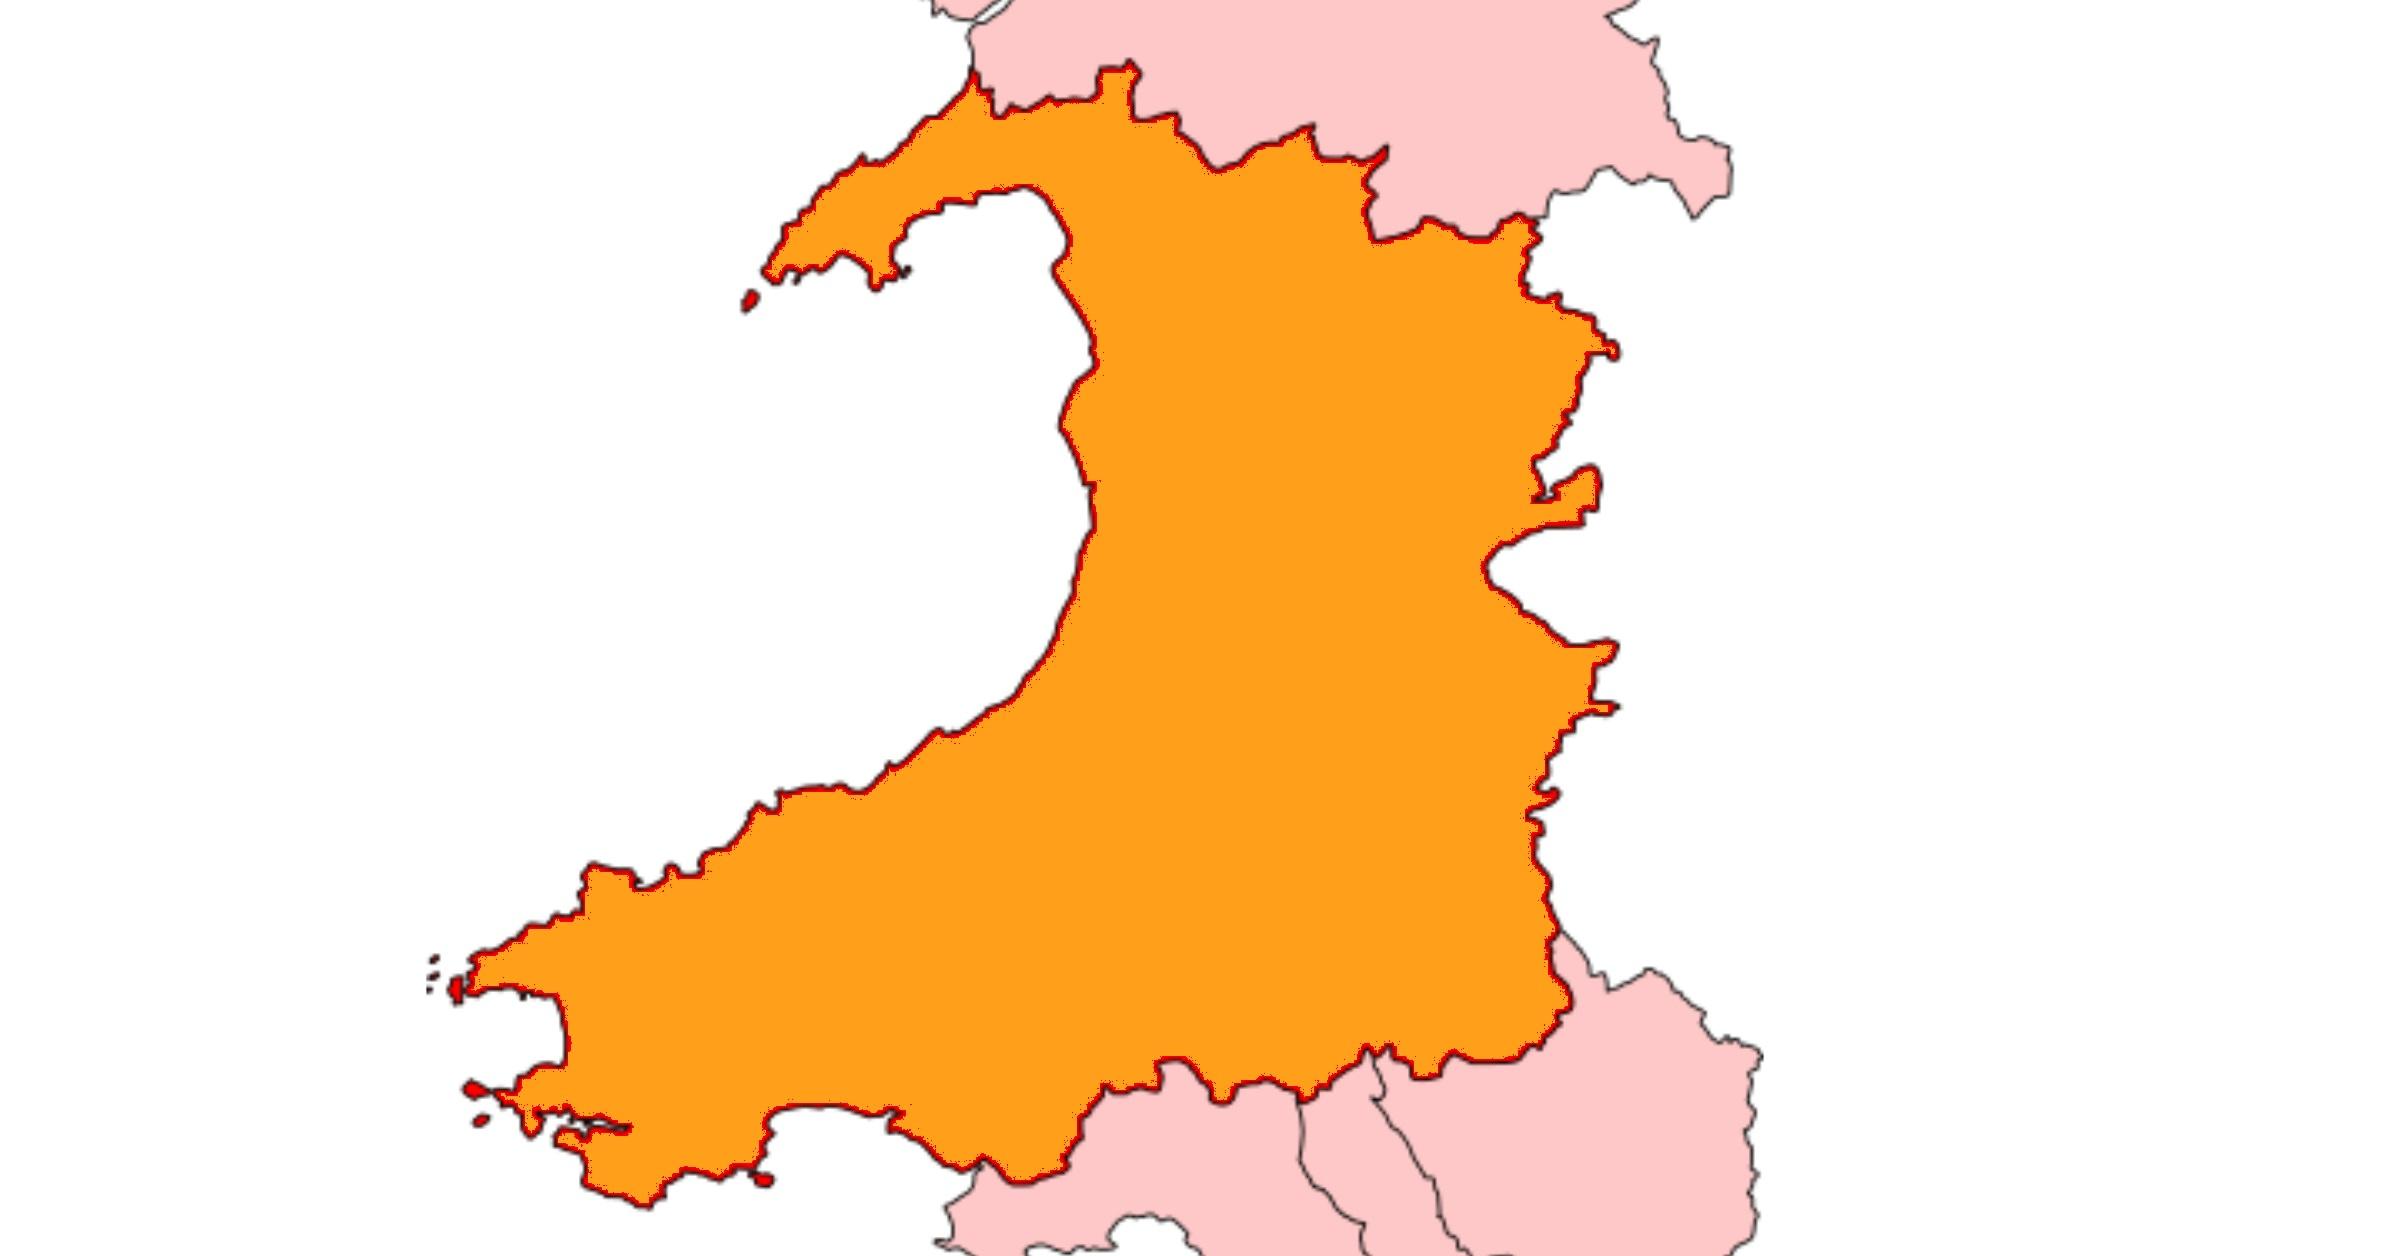 Canolbarth a Gorllewin Cymru